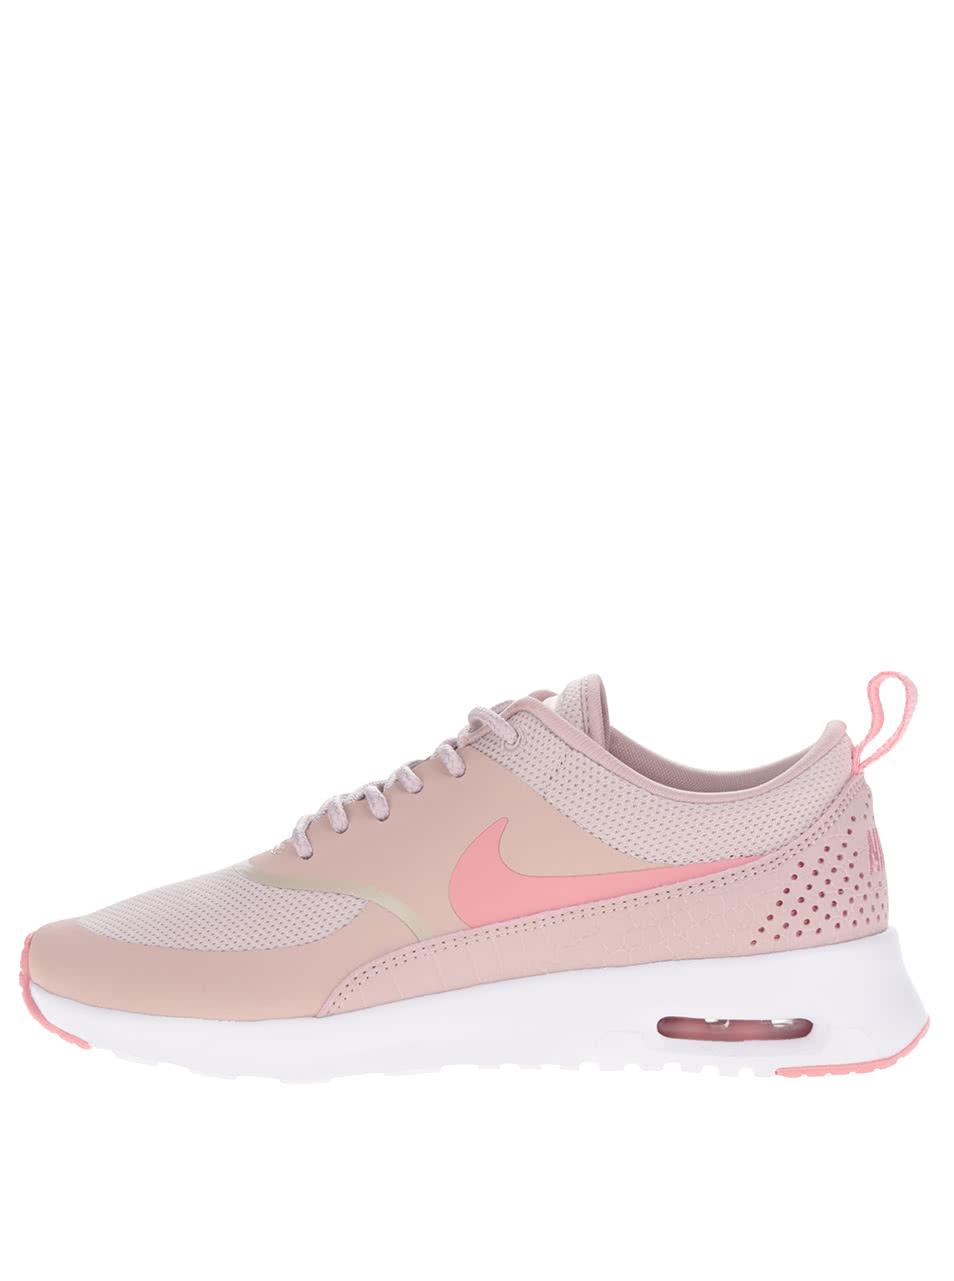 Nike Air Max Thea Roz e720a3584a